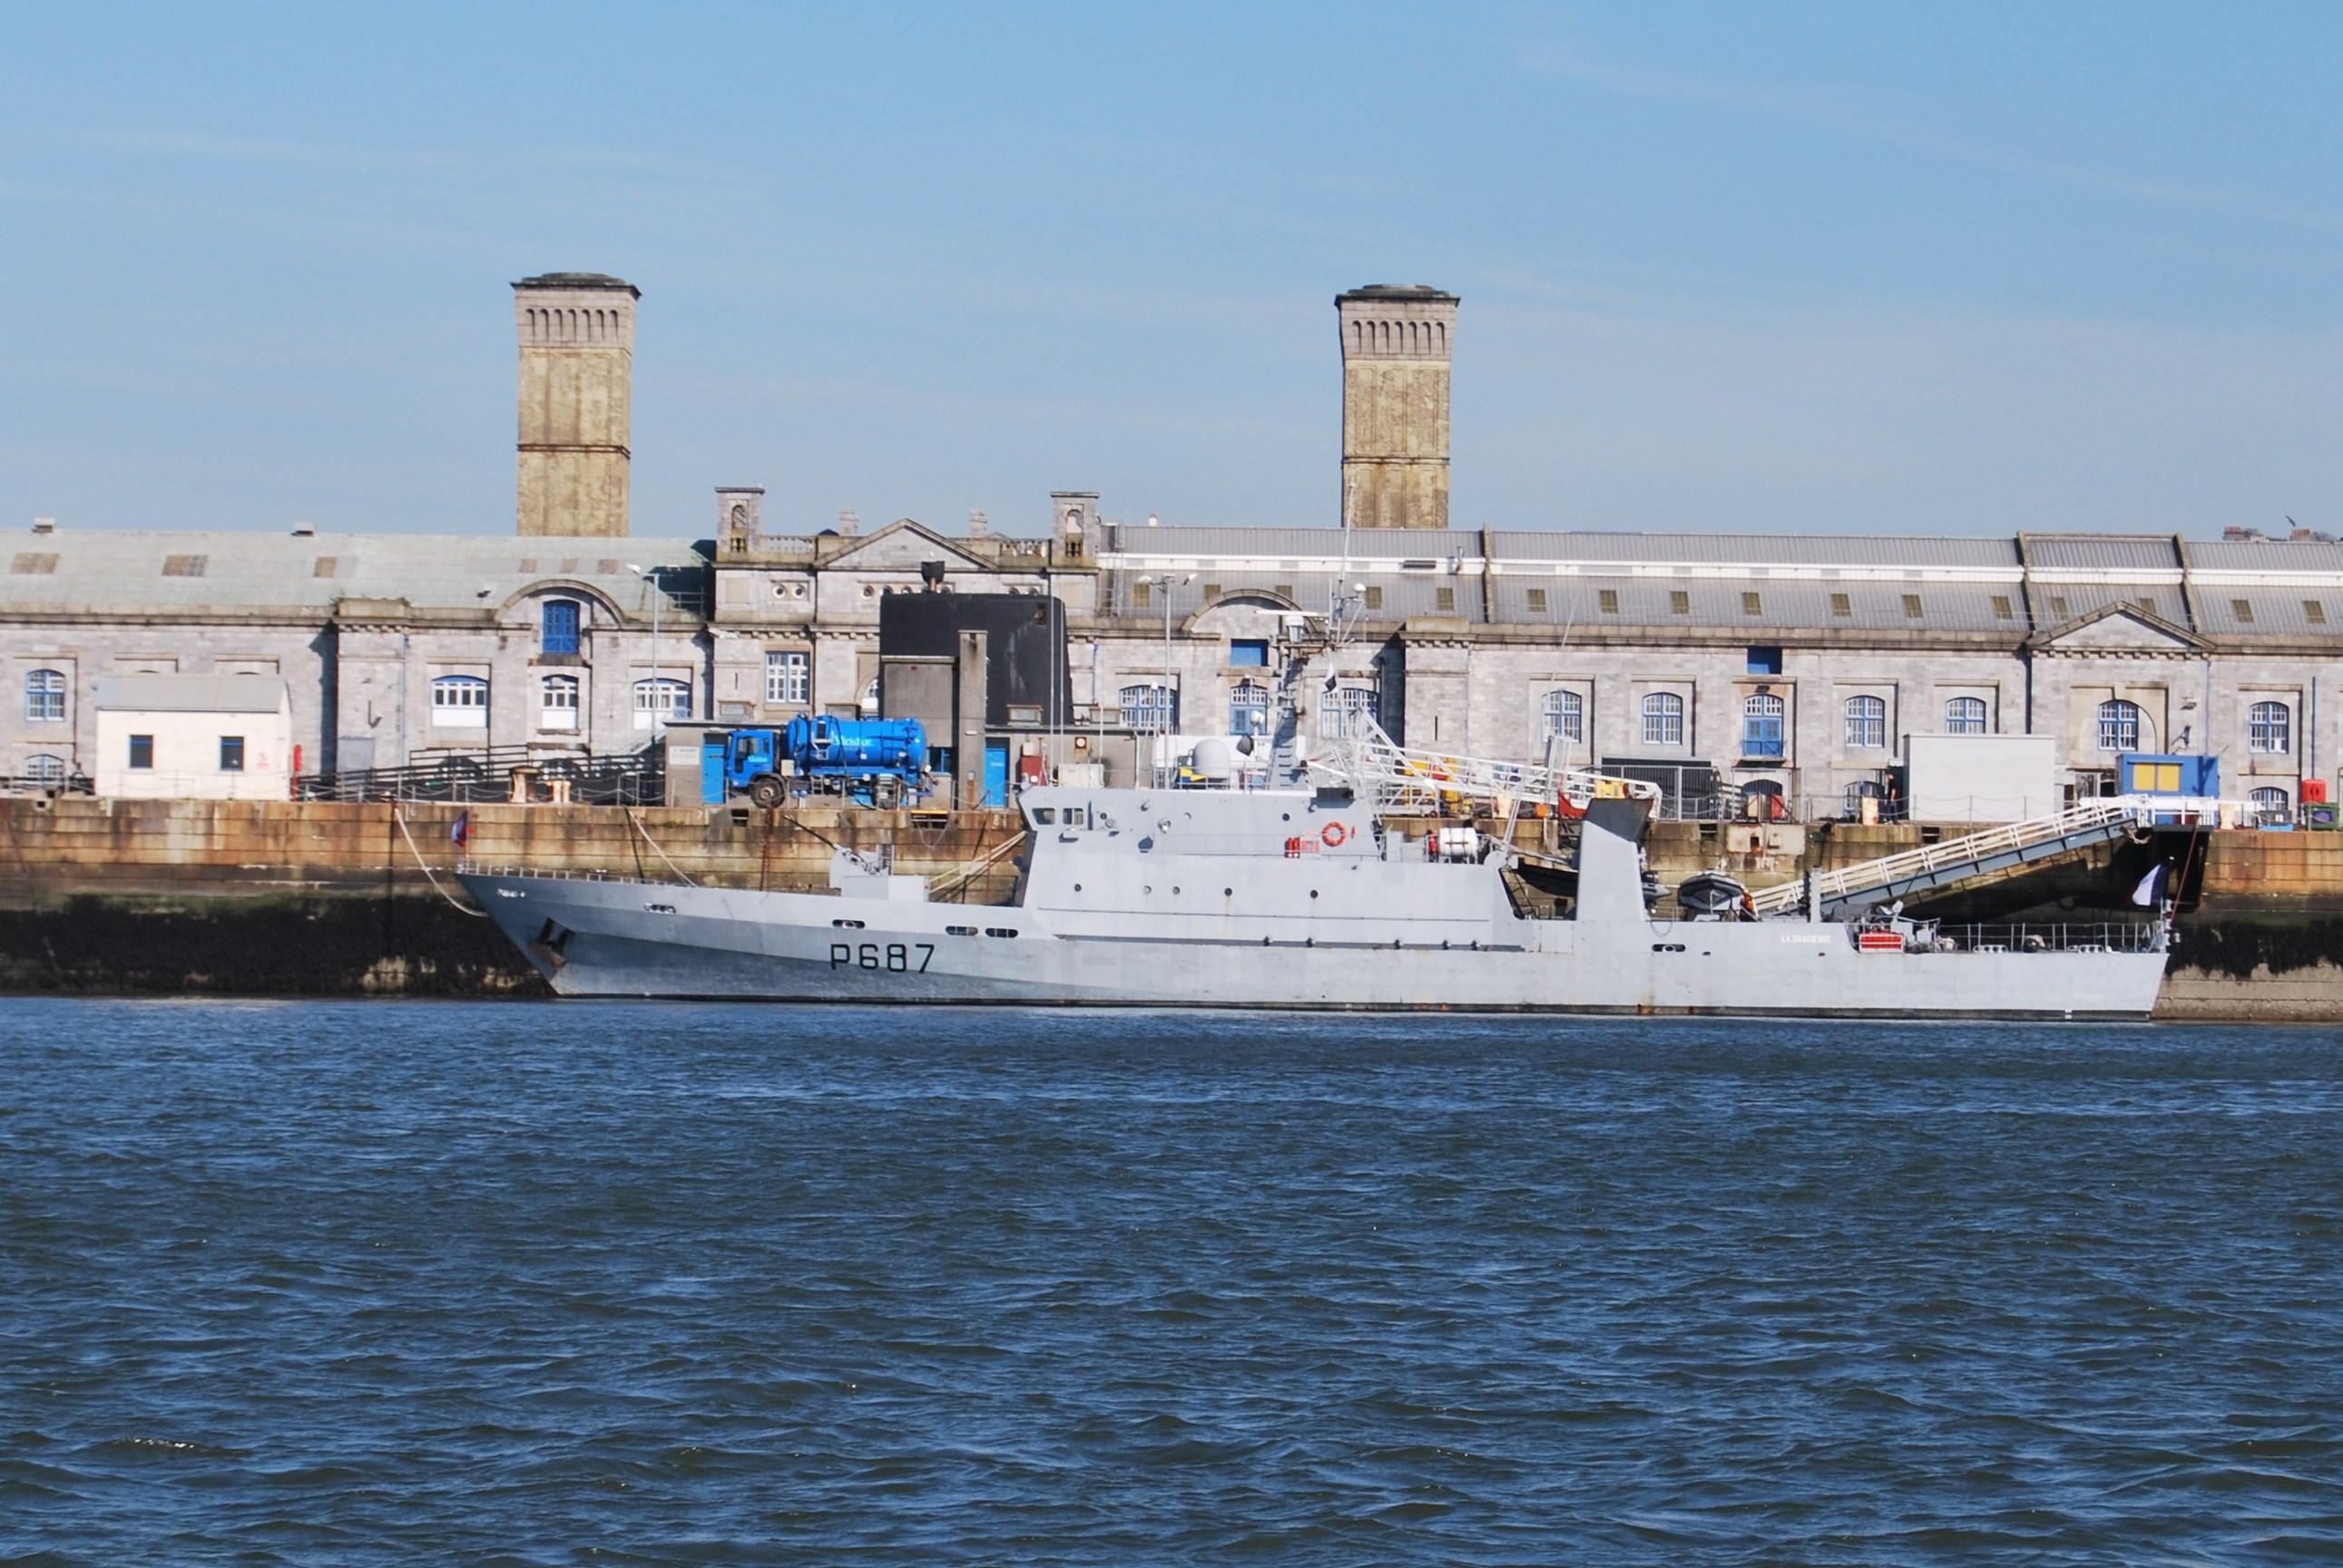 Les patrouilleurs de la Marine Nationale - Page 5 7154152951_f62959ea3d_o